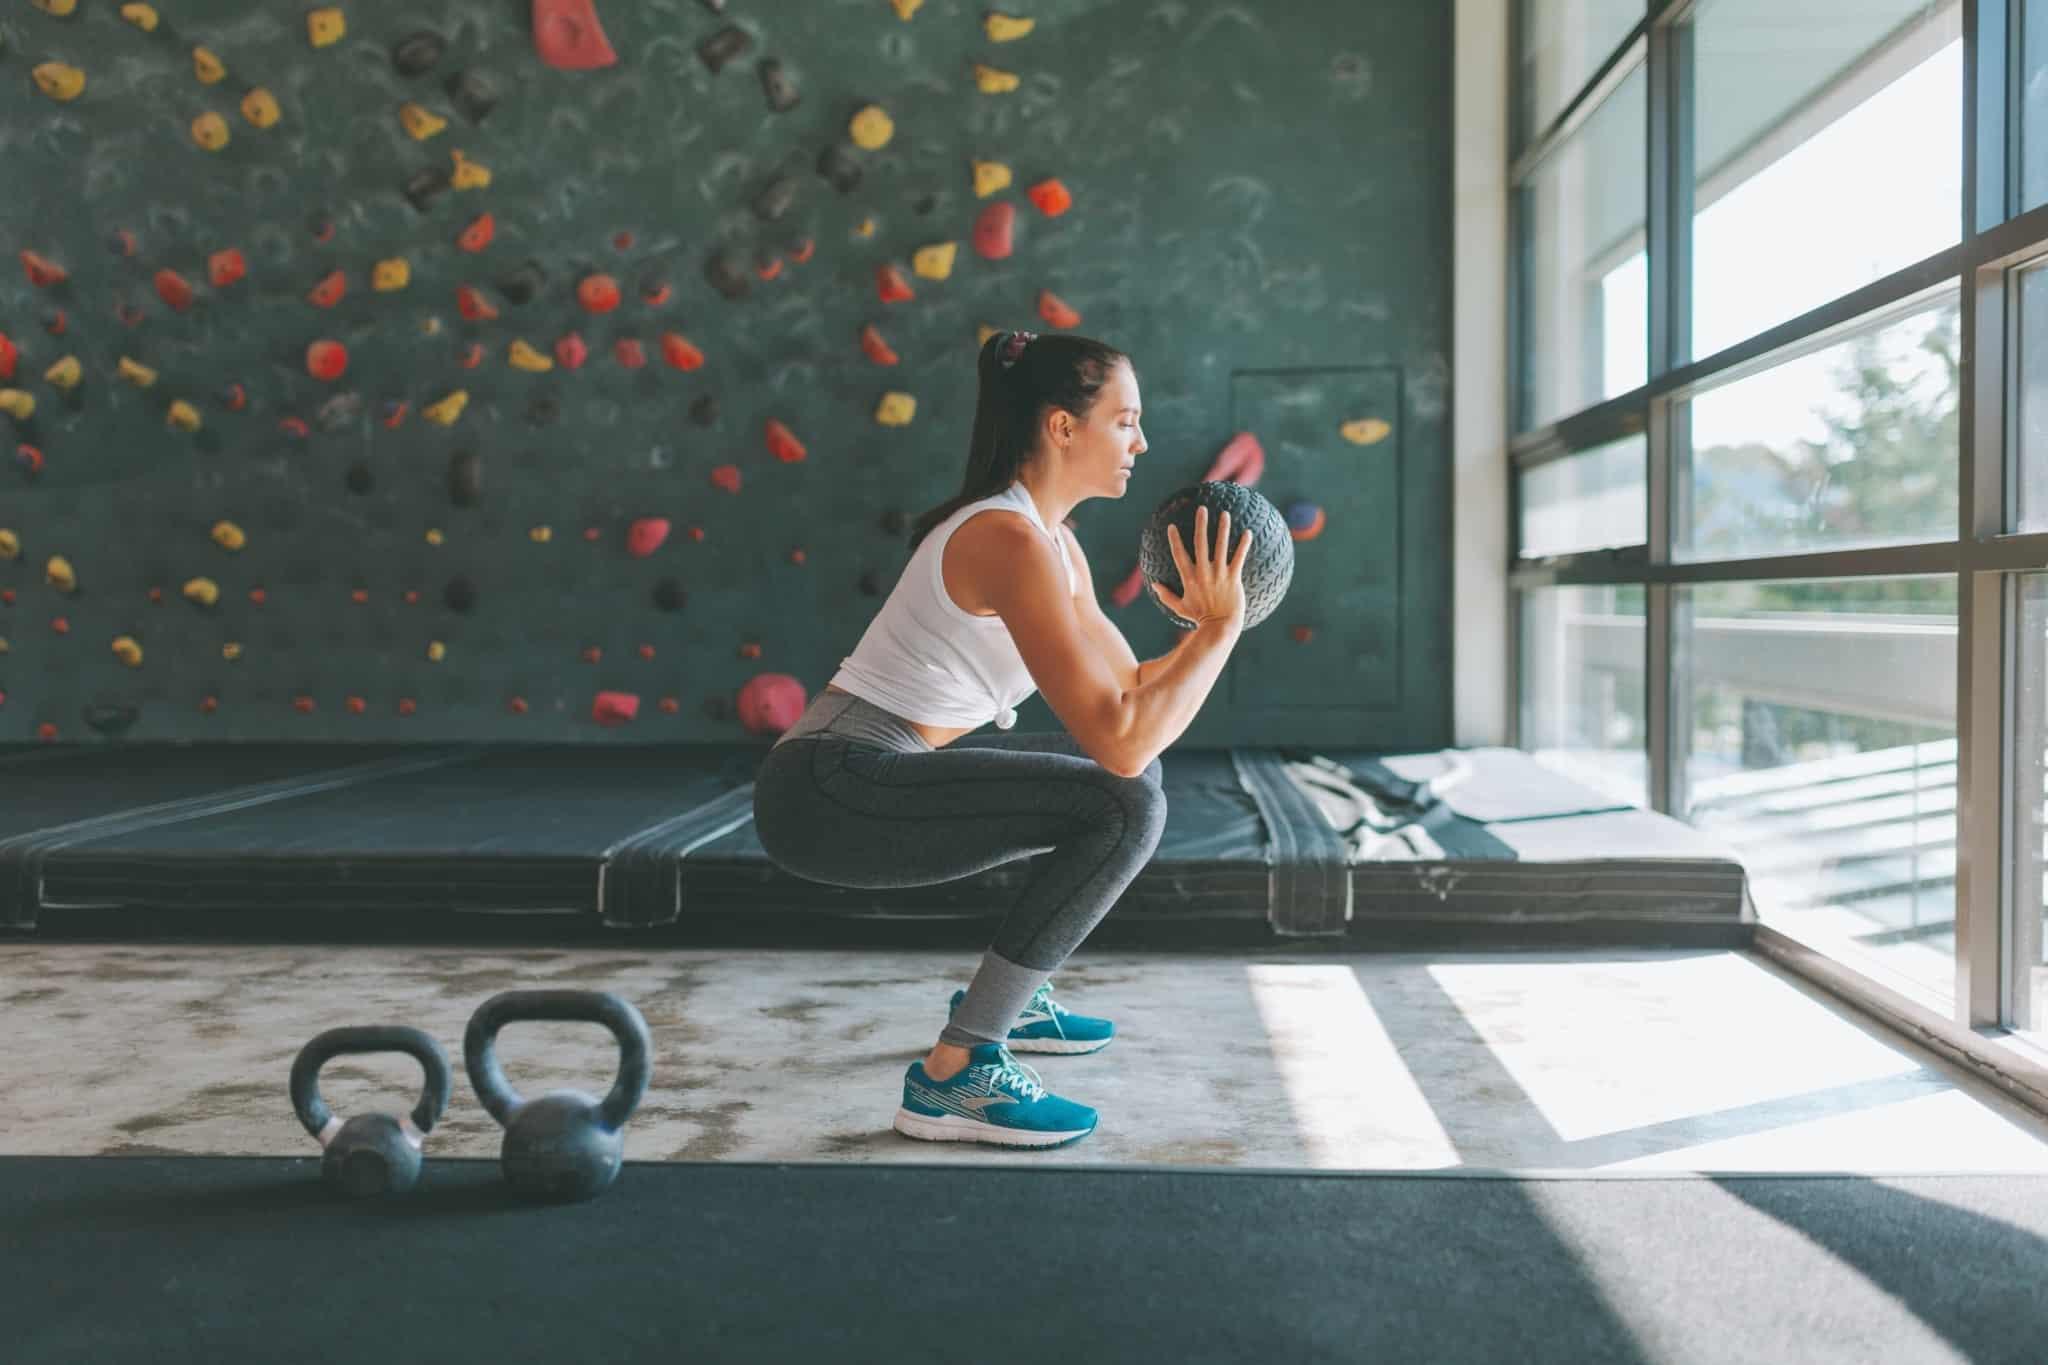 mulher a treinar num ginasio, a fazer um agachamento com a bola nas mãos